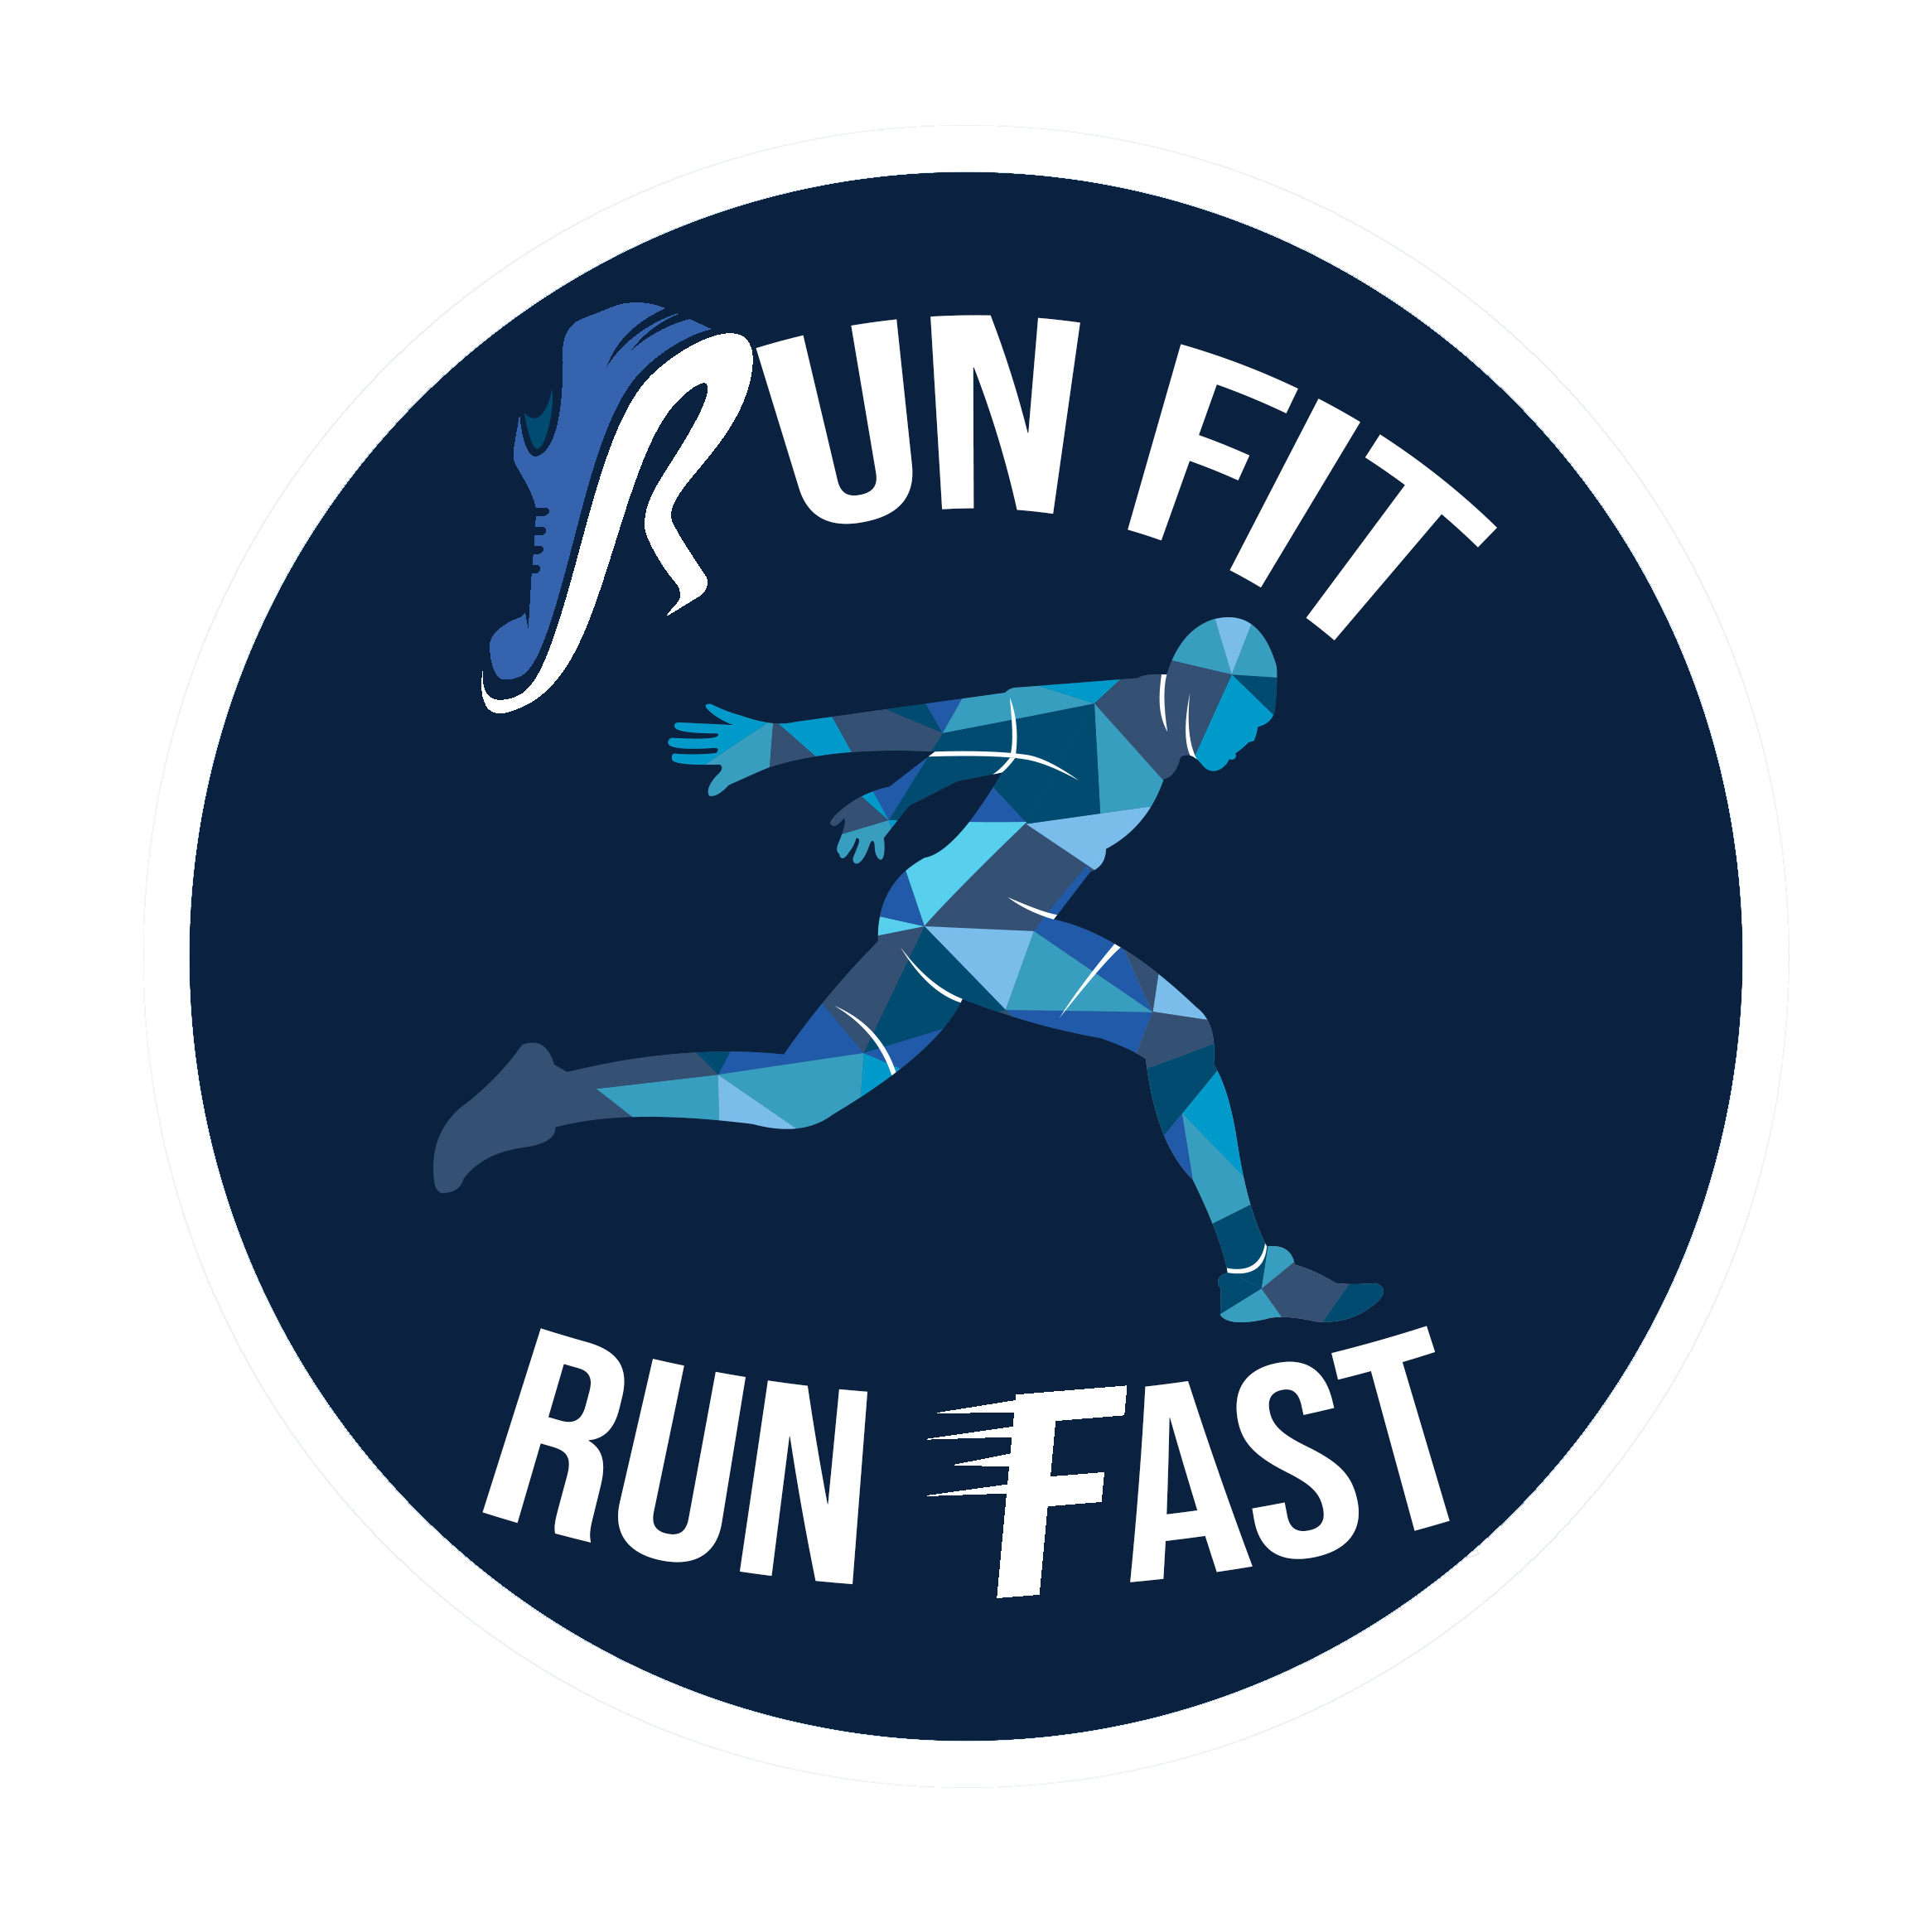 Run Fit Run Fast